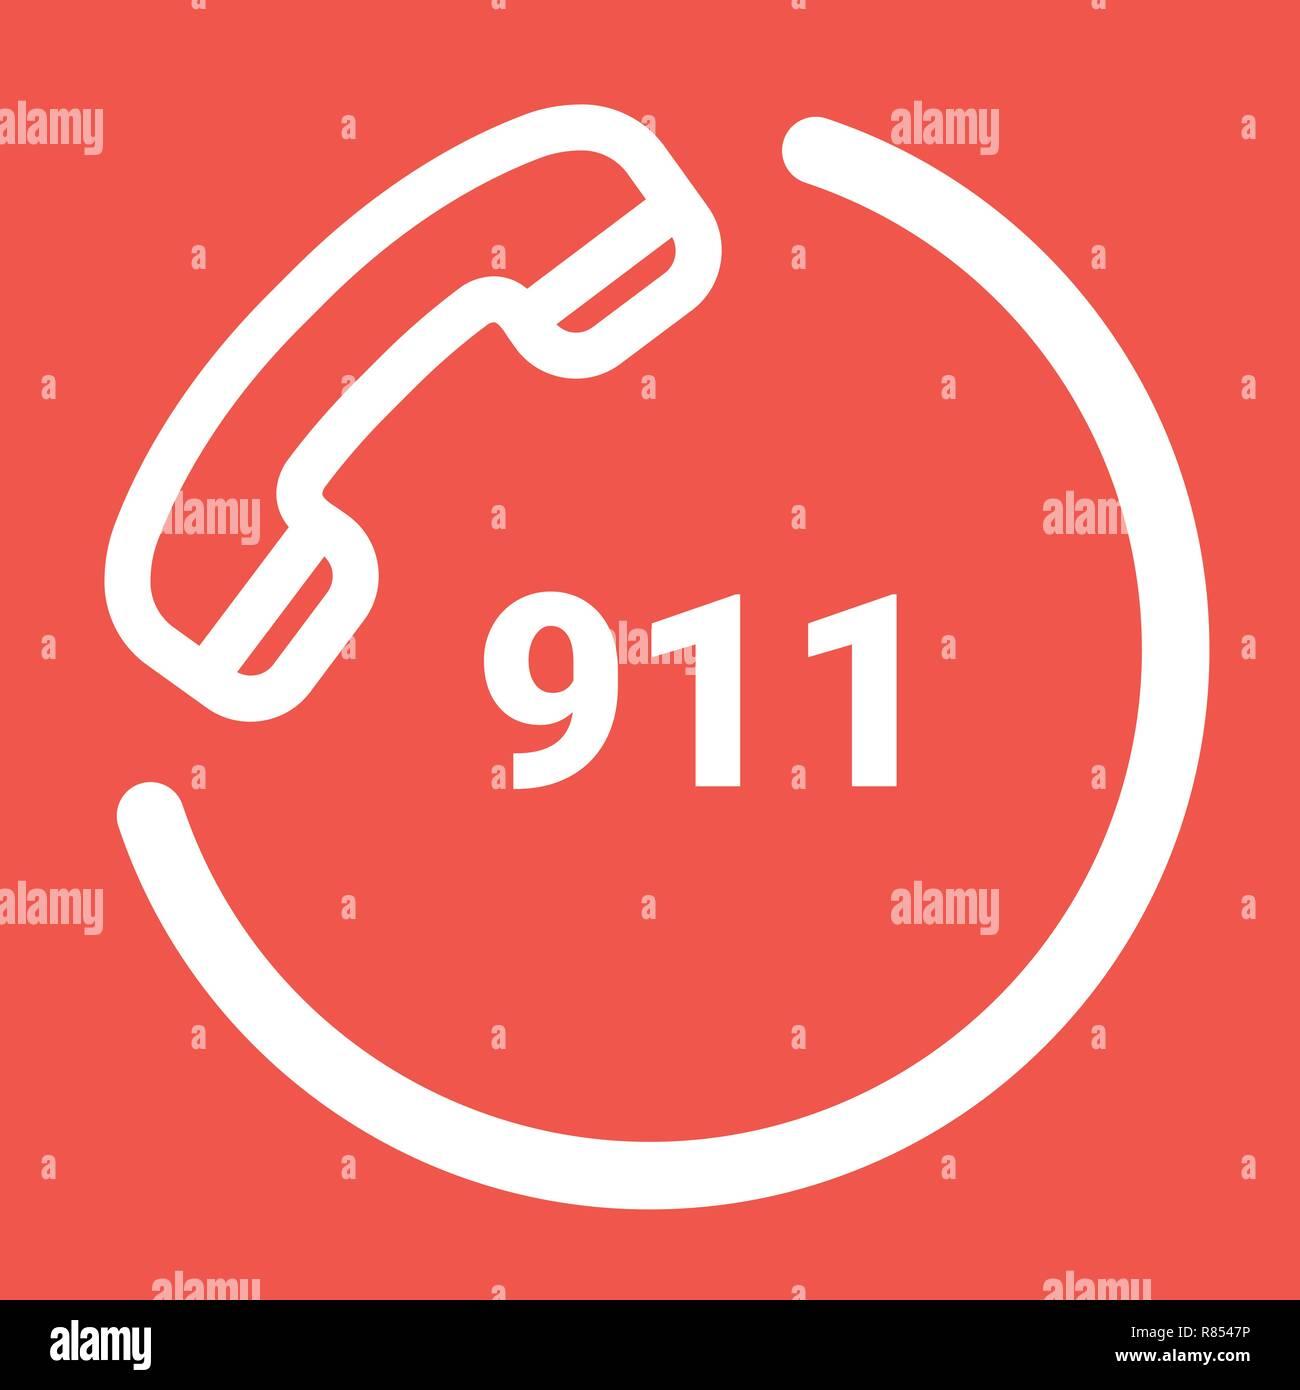 Emergency Telephone Number Stock Photos Amp Emergency